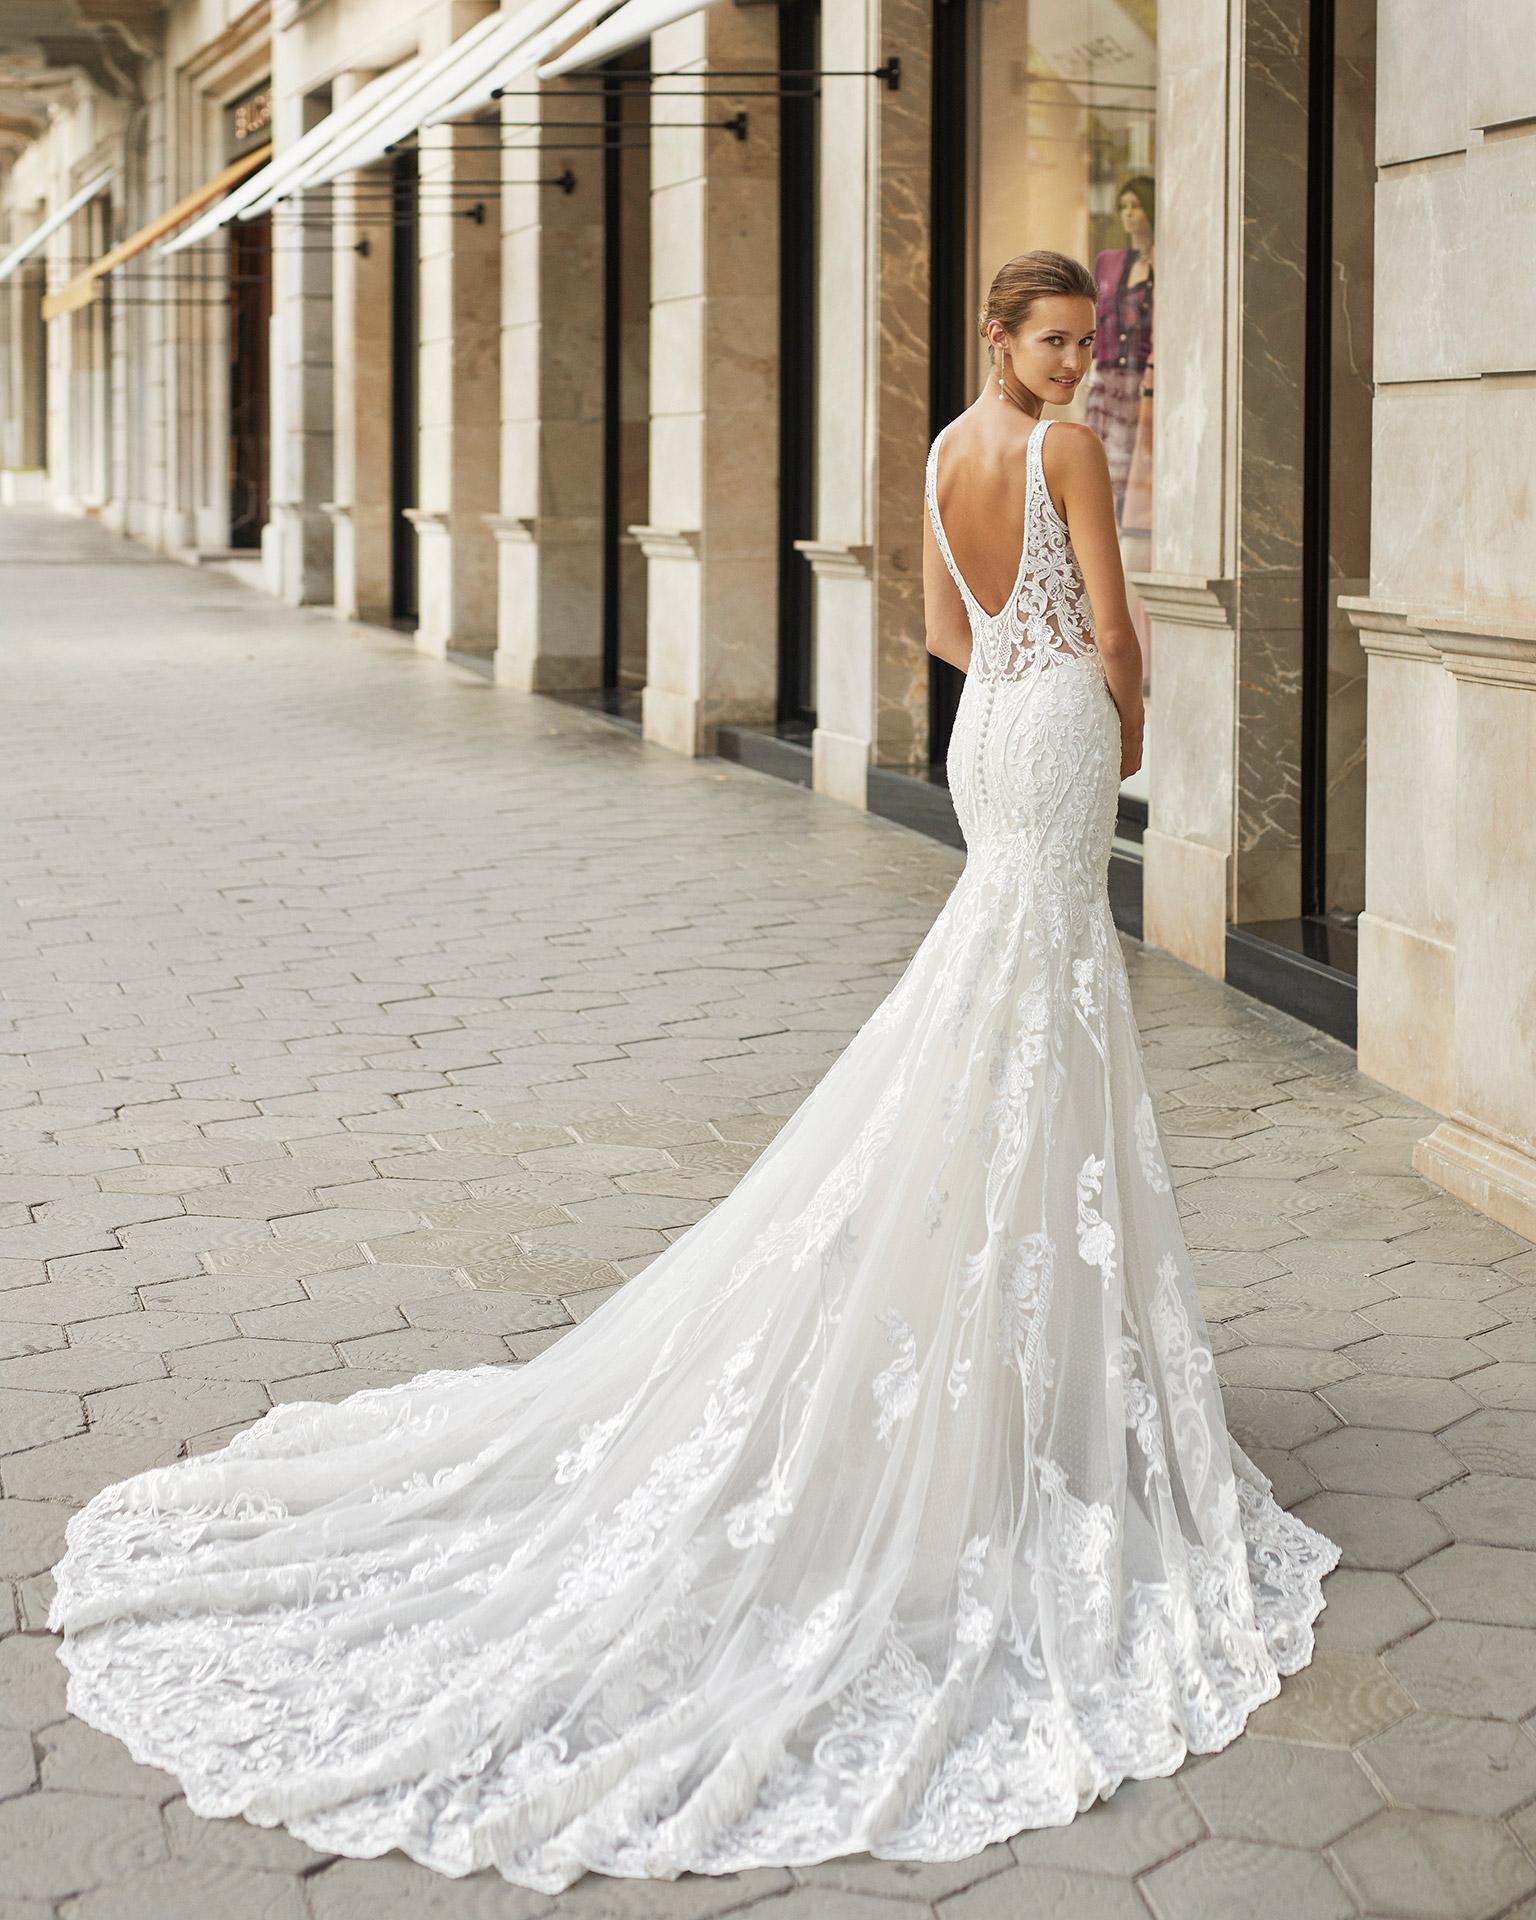 Vestido de novia corte sirena, encaje y pedrería. Escote deep plunge y espalda escotada. Colección  2022.